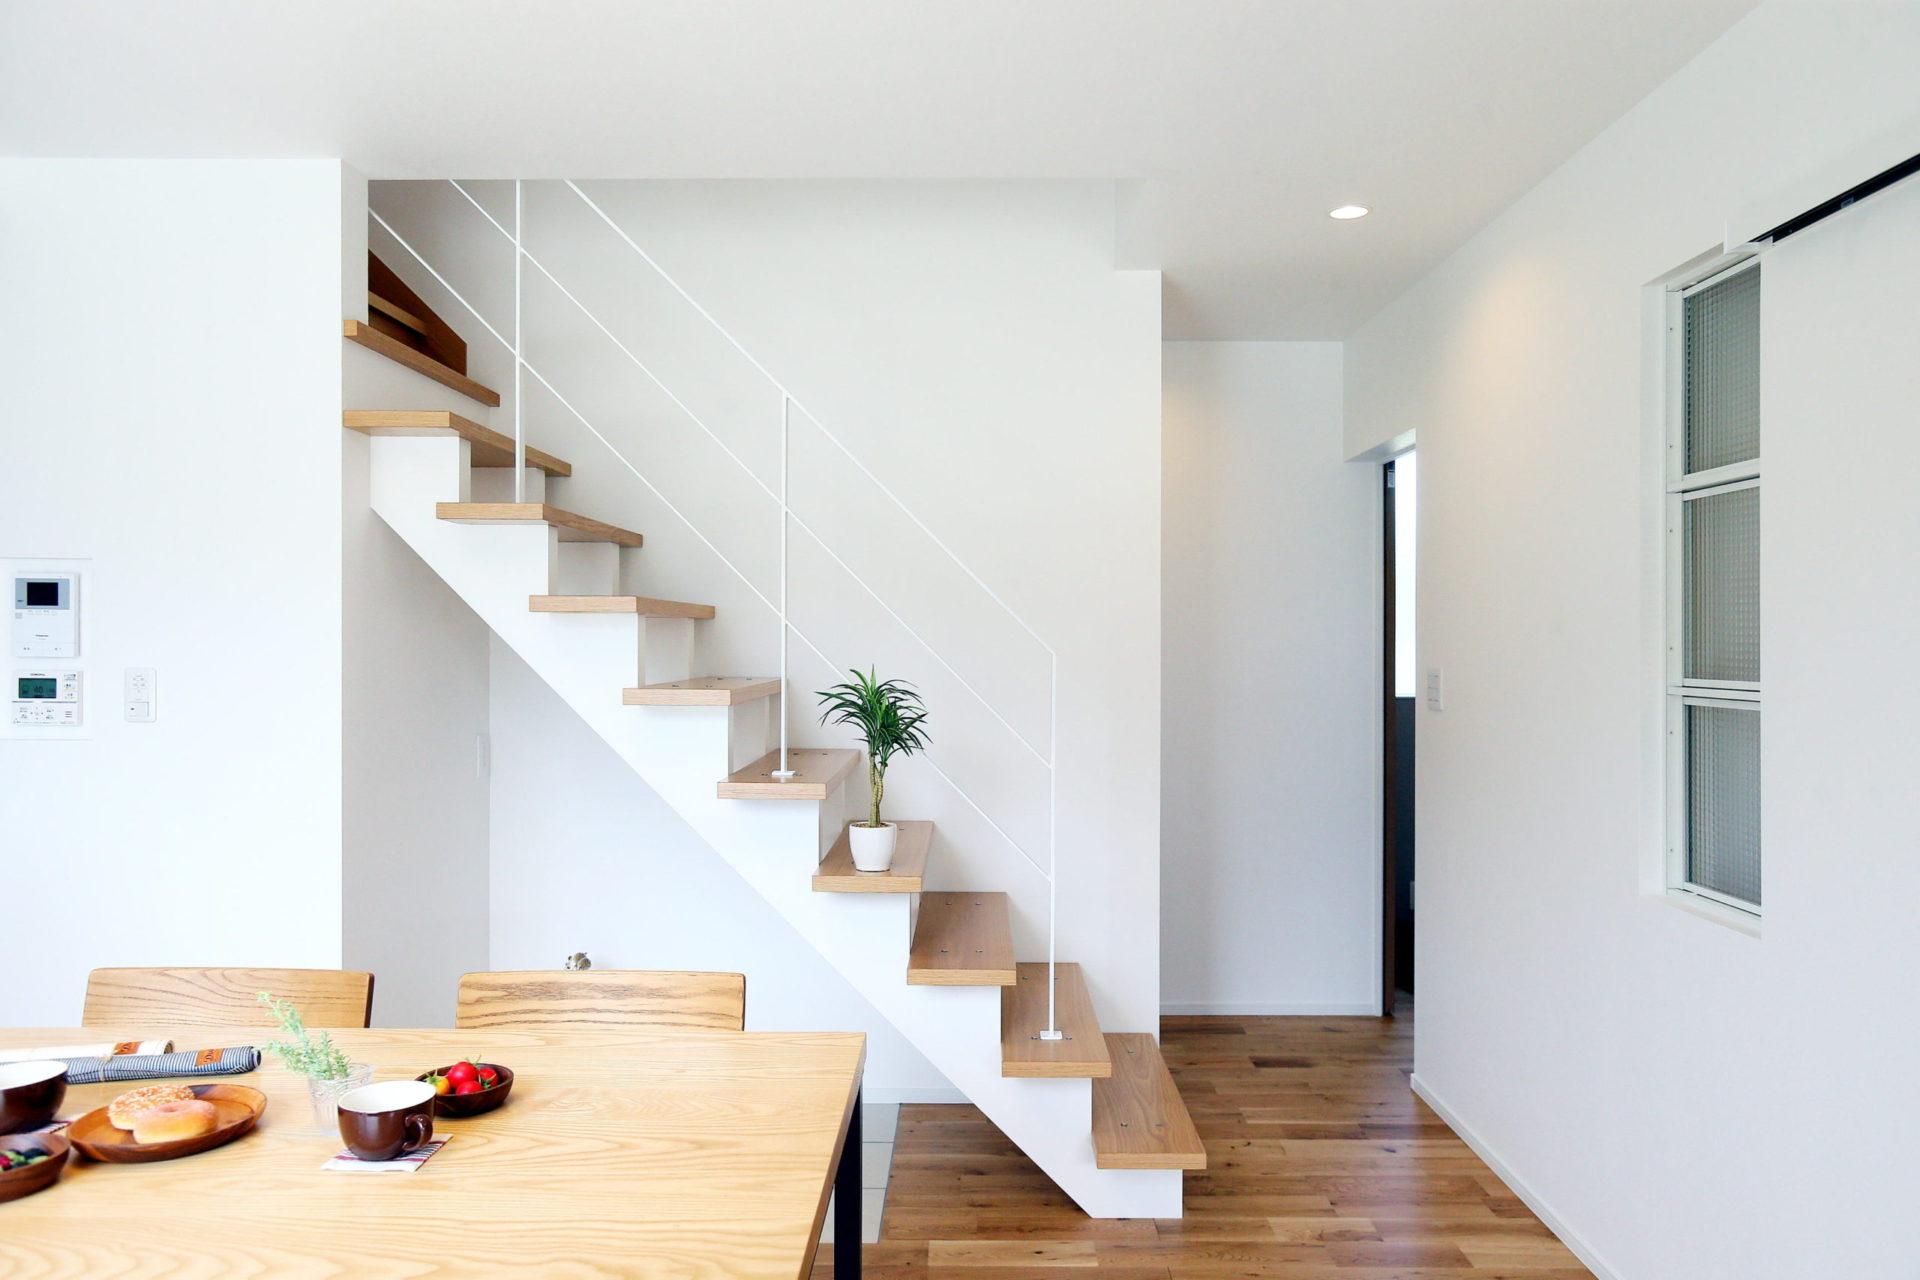 豊かな自然に映える 白い外壁の須坂市の家9